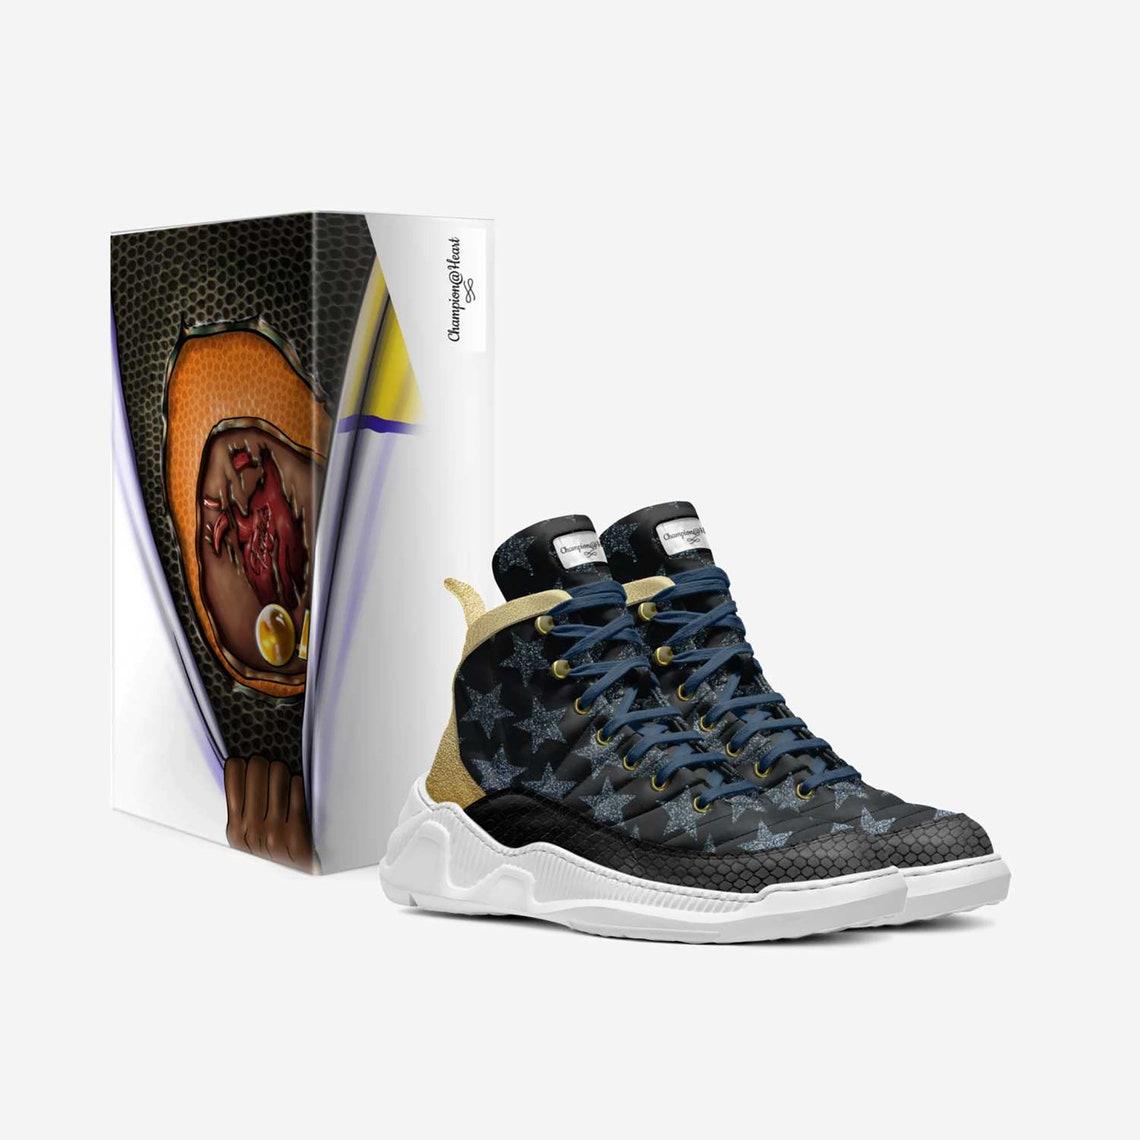 Legend24x8: Custom-Designed Basketball Shoes